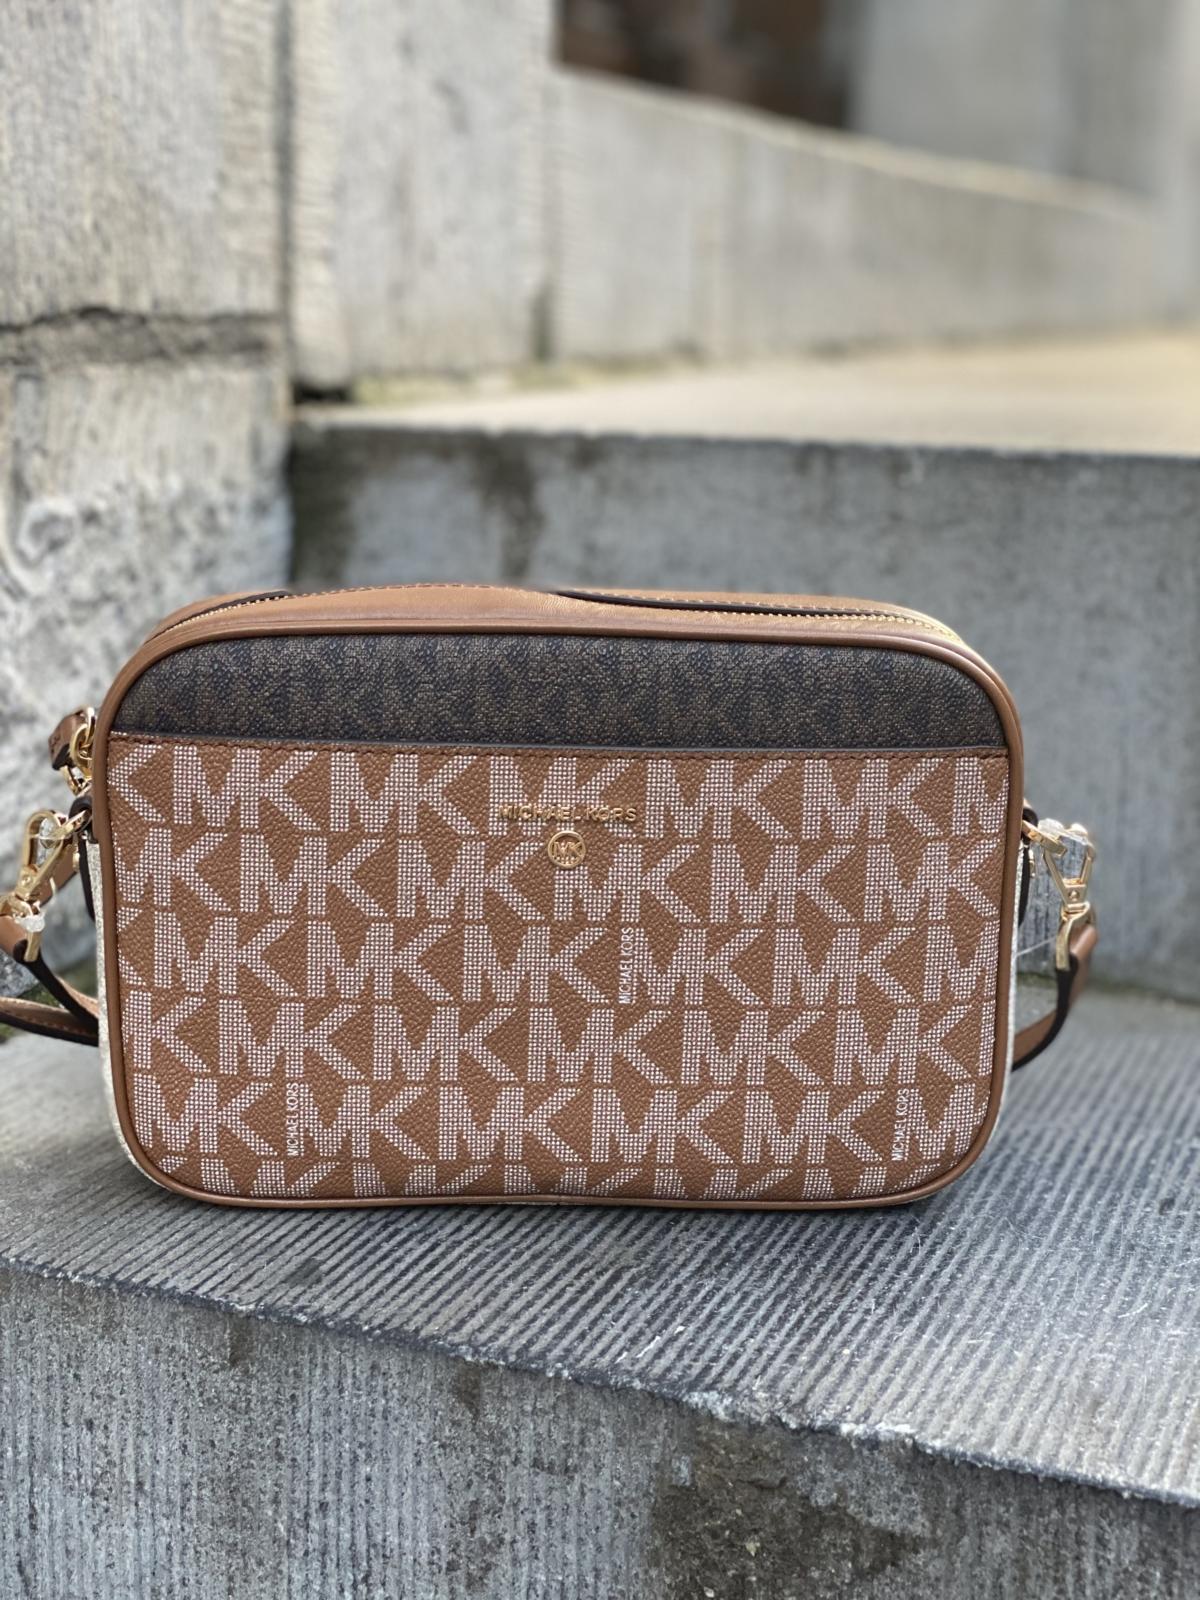 Michael Kors Camara Bag XBODY NUW Brown